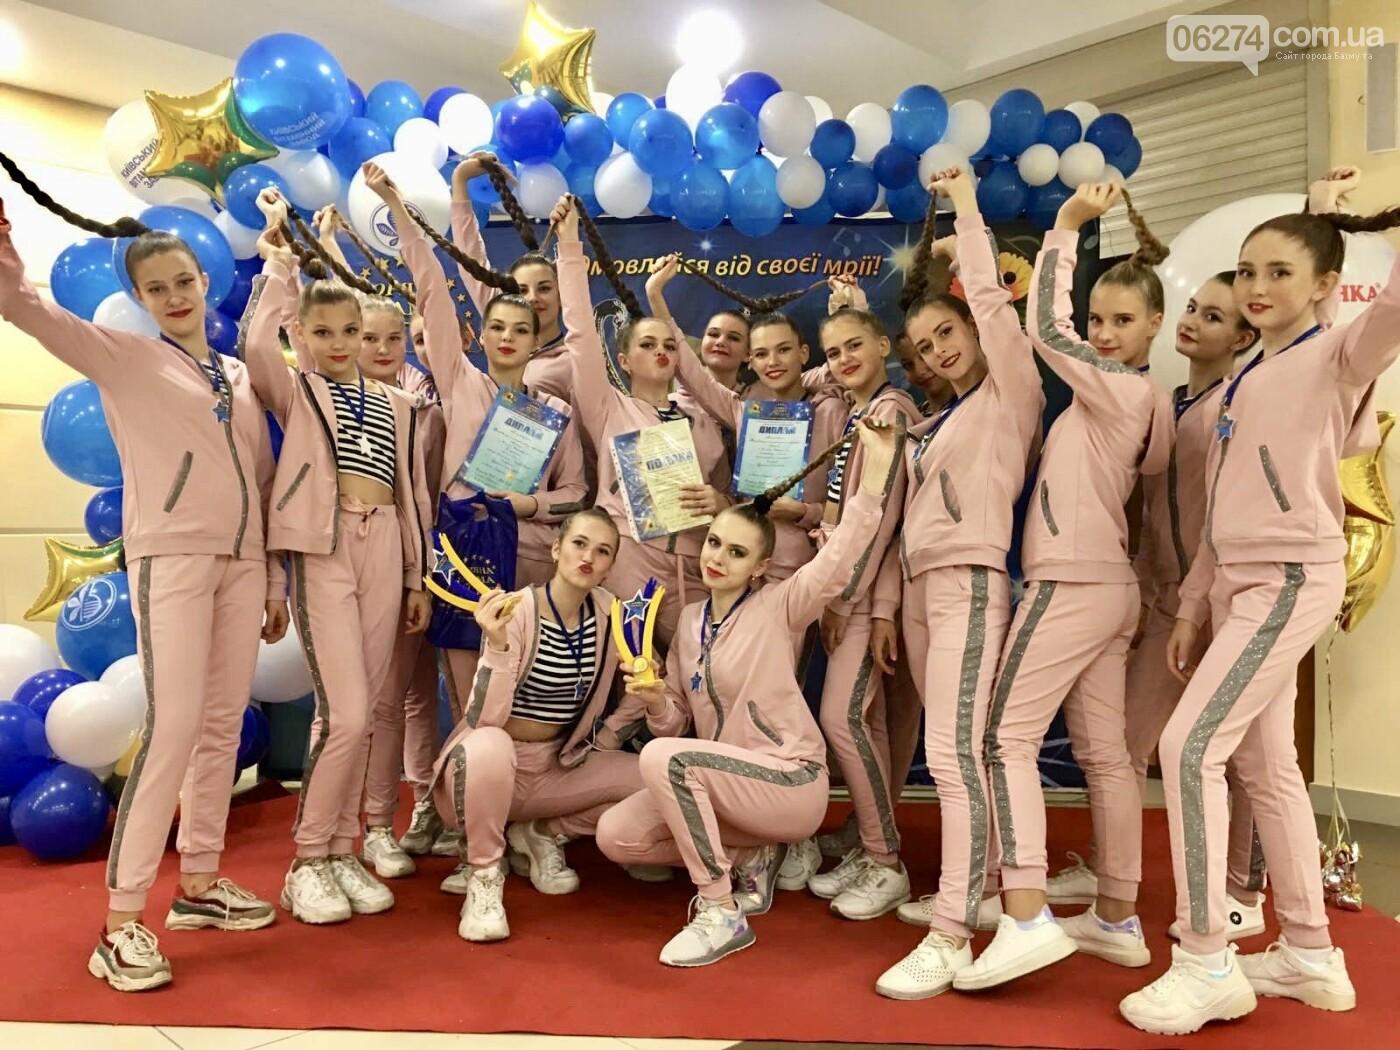 Танцевальный коллектив из Бахмута стал победителем трех столичных конкурсов, фото-2